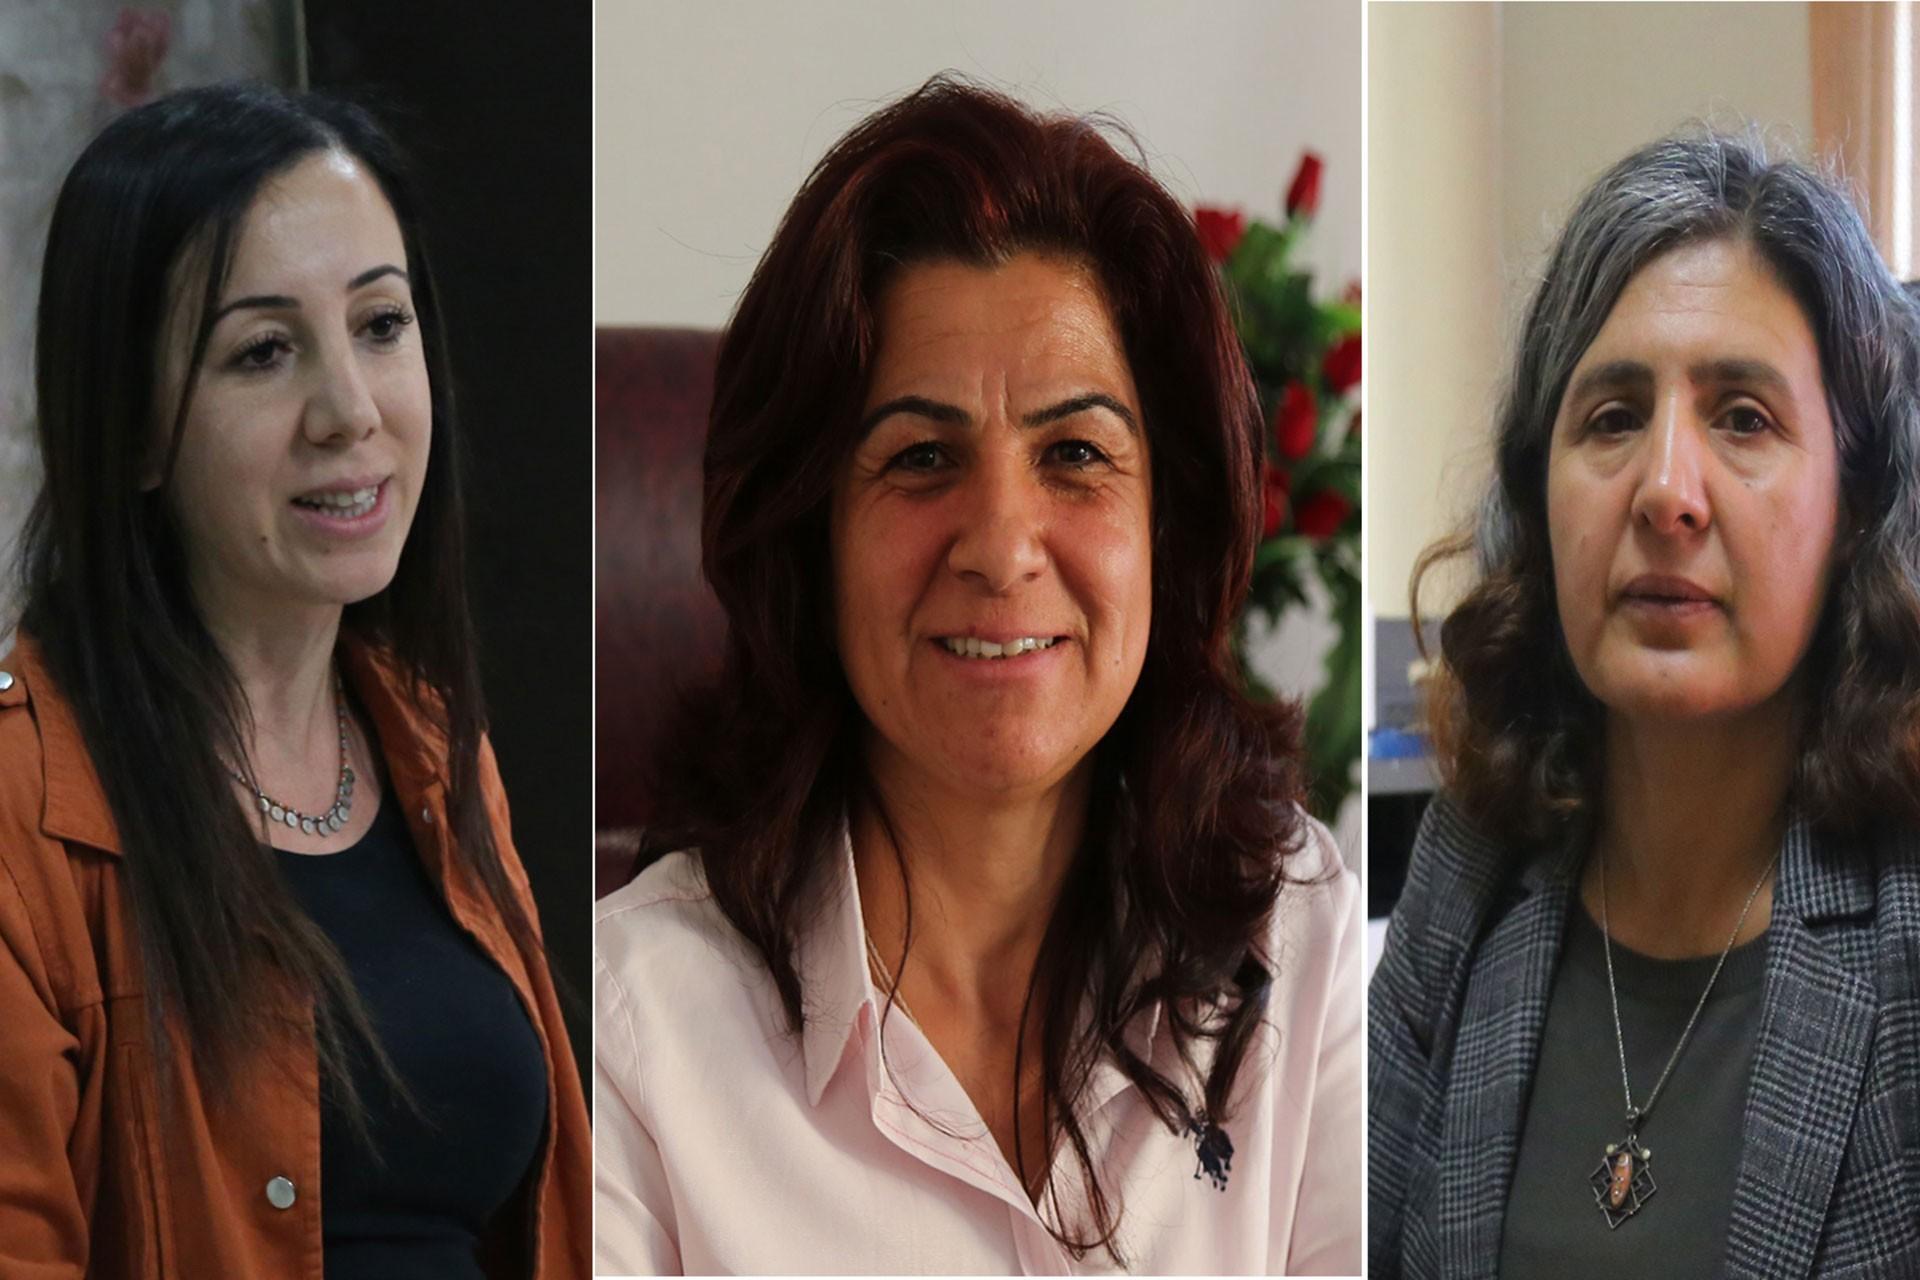 Mazıdağ Belediyesi Eş Başkanı Nalan Özaydın (solda), Derik Belediyesi Eş Başkanı Mülkiye Esmez (ortada) ve Savur Belediyesi Eş Başkanı Gülistan Öncü (sağda)